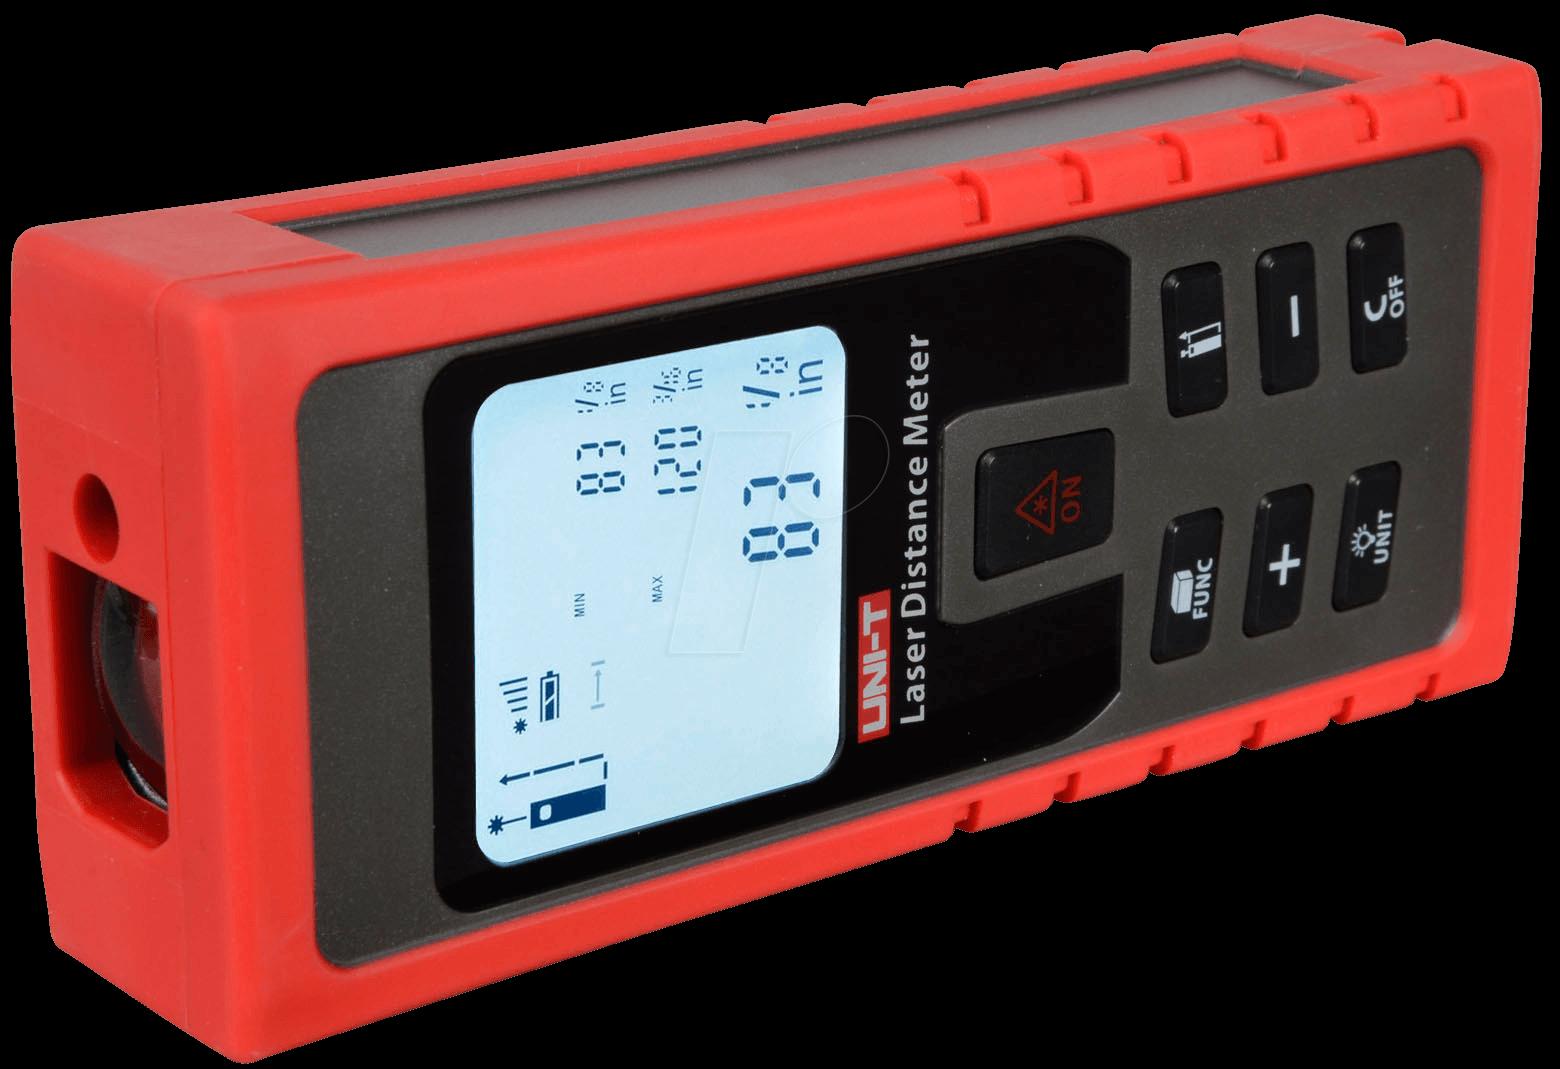 Laser Entfernungsmesser Dauermessung : Ut a laserentfernungsmesser m bei reichelt elektronik